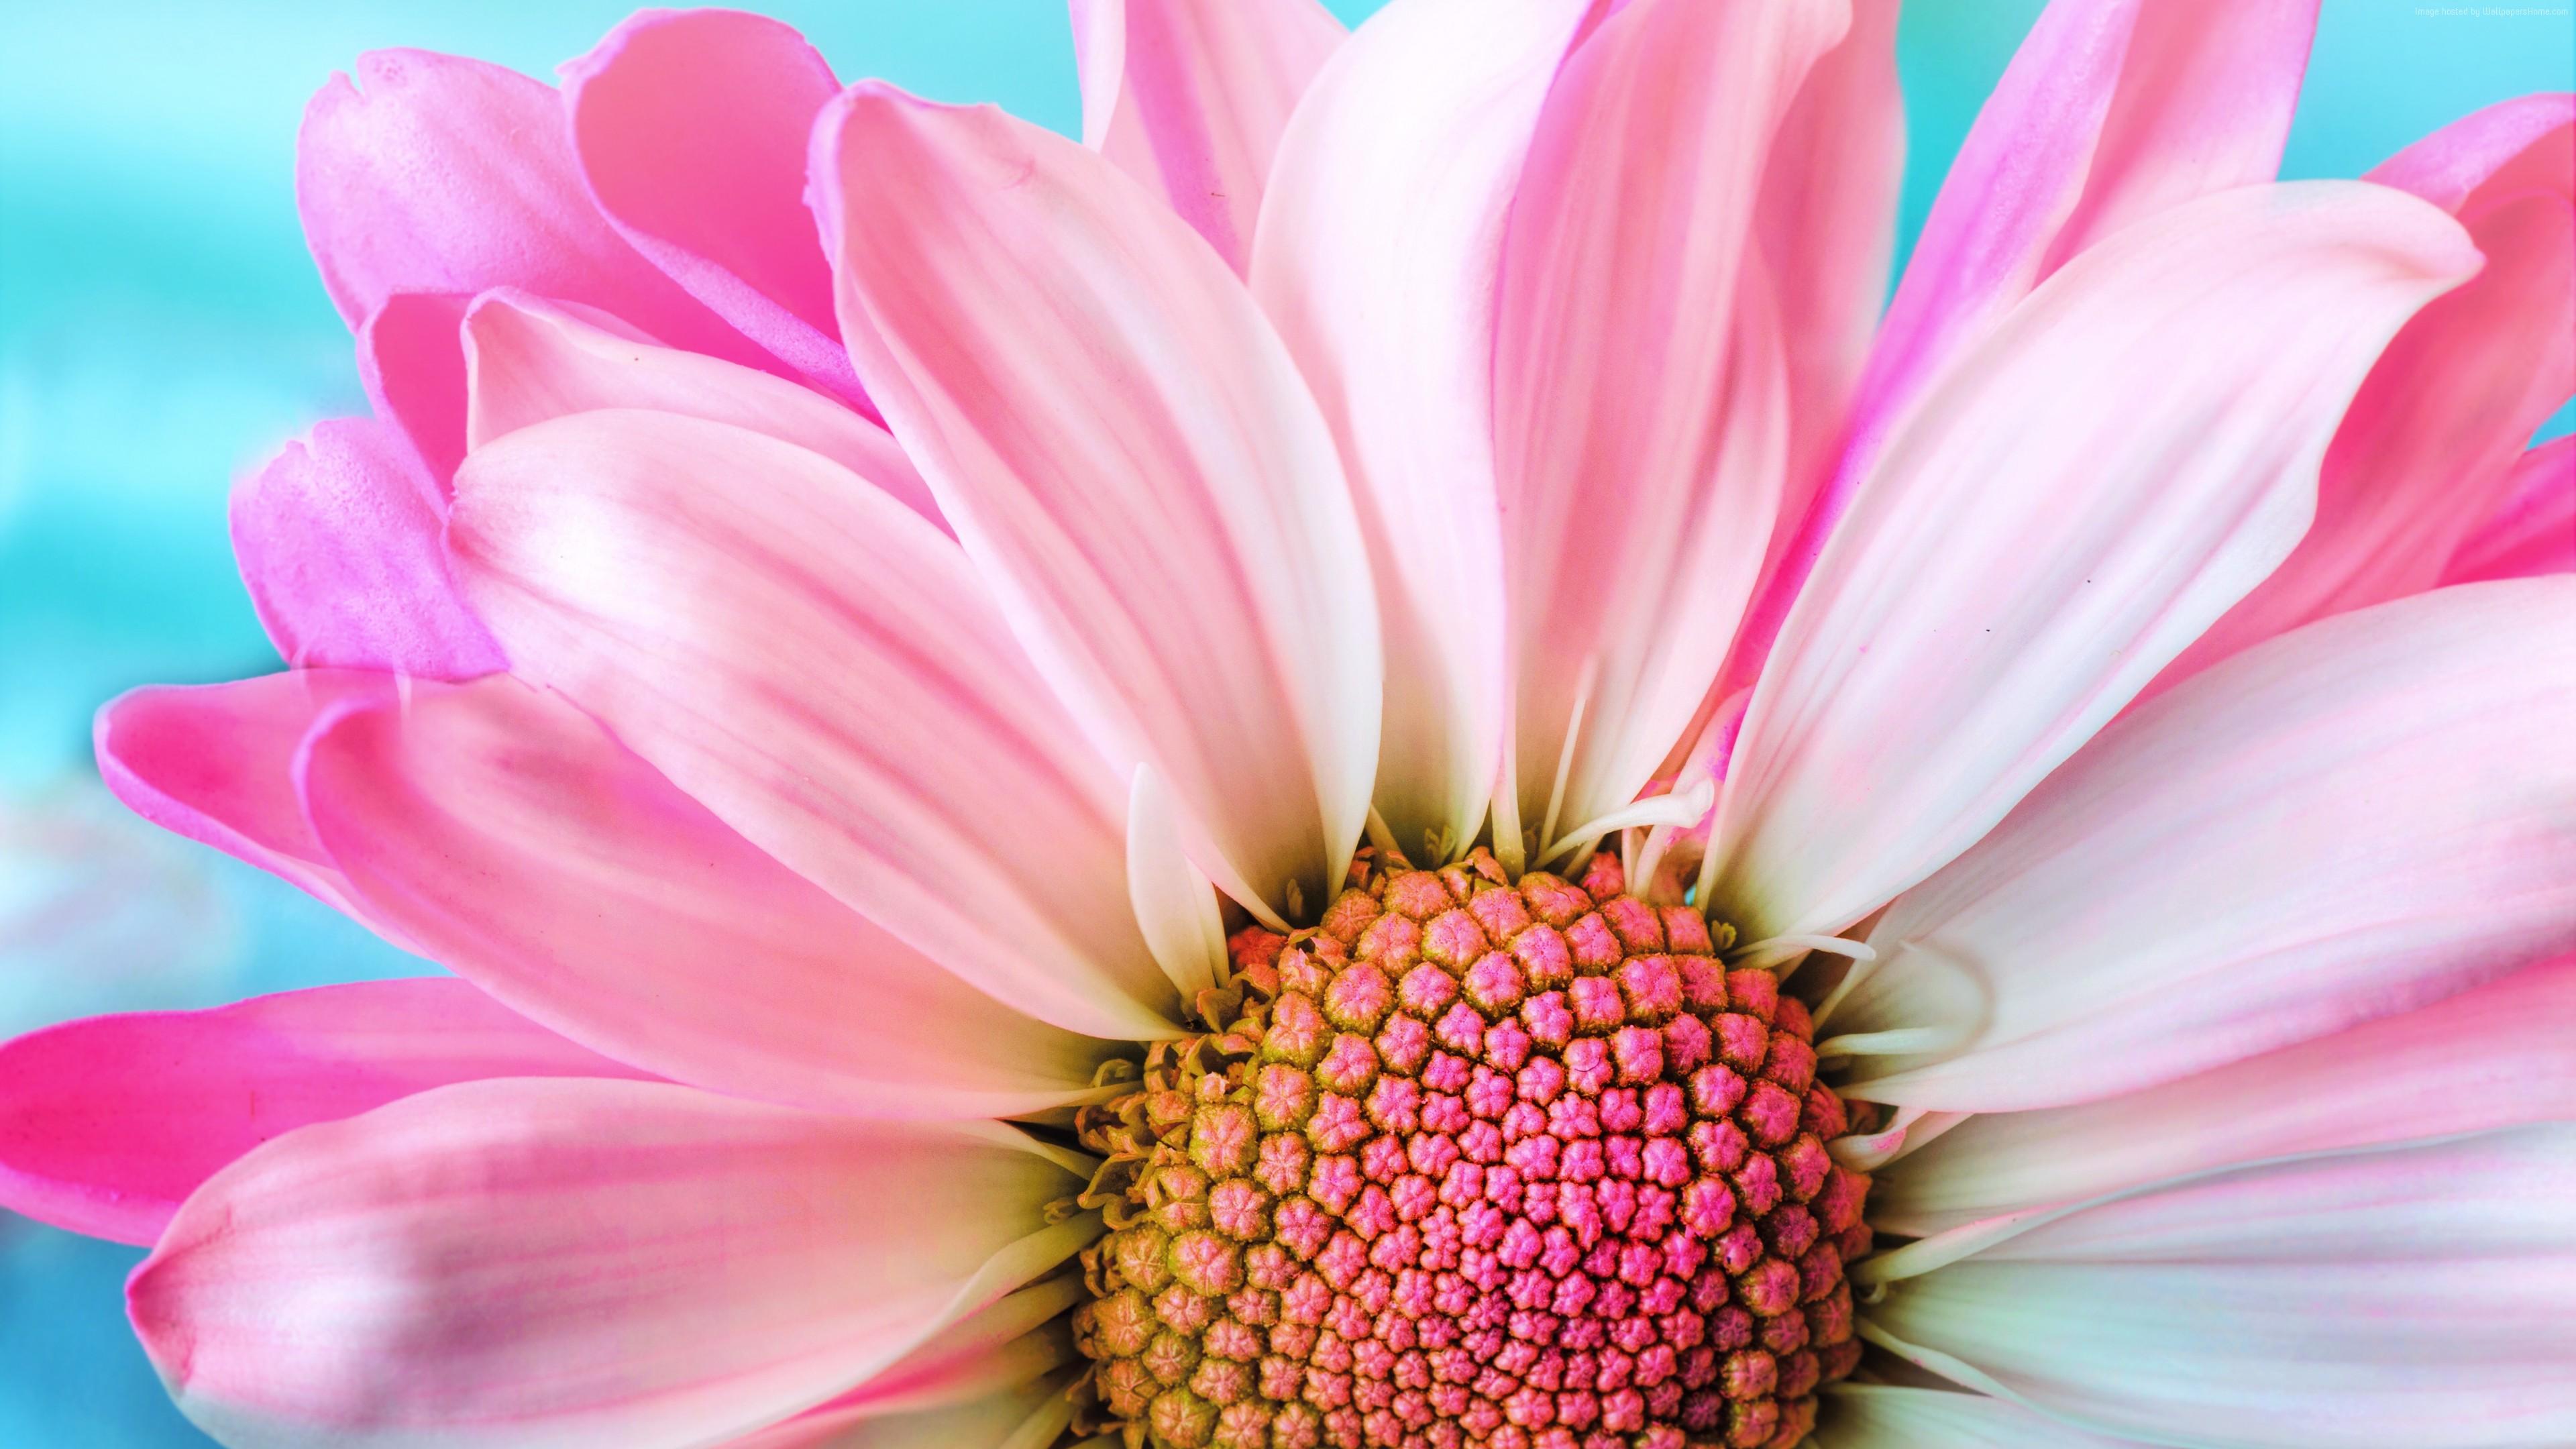 Wallpaper flower, 4k, Nature Wallpaper Download - High ...